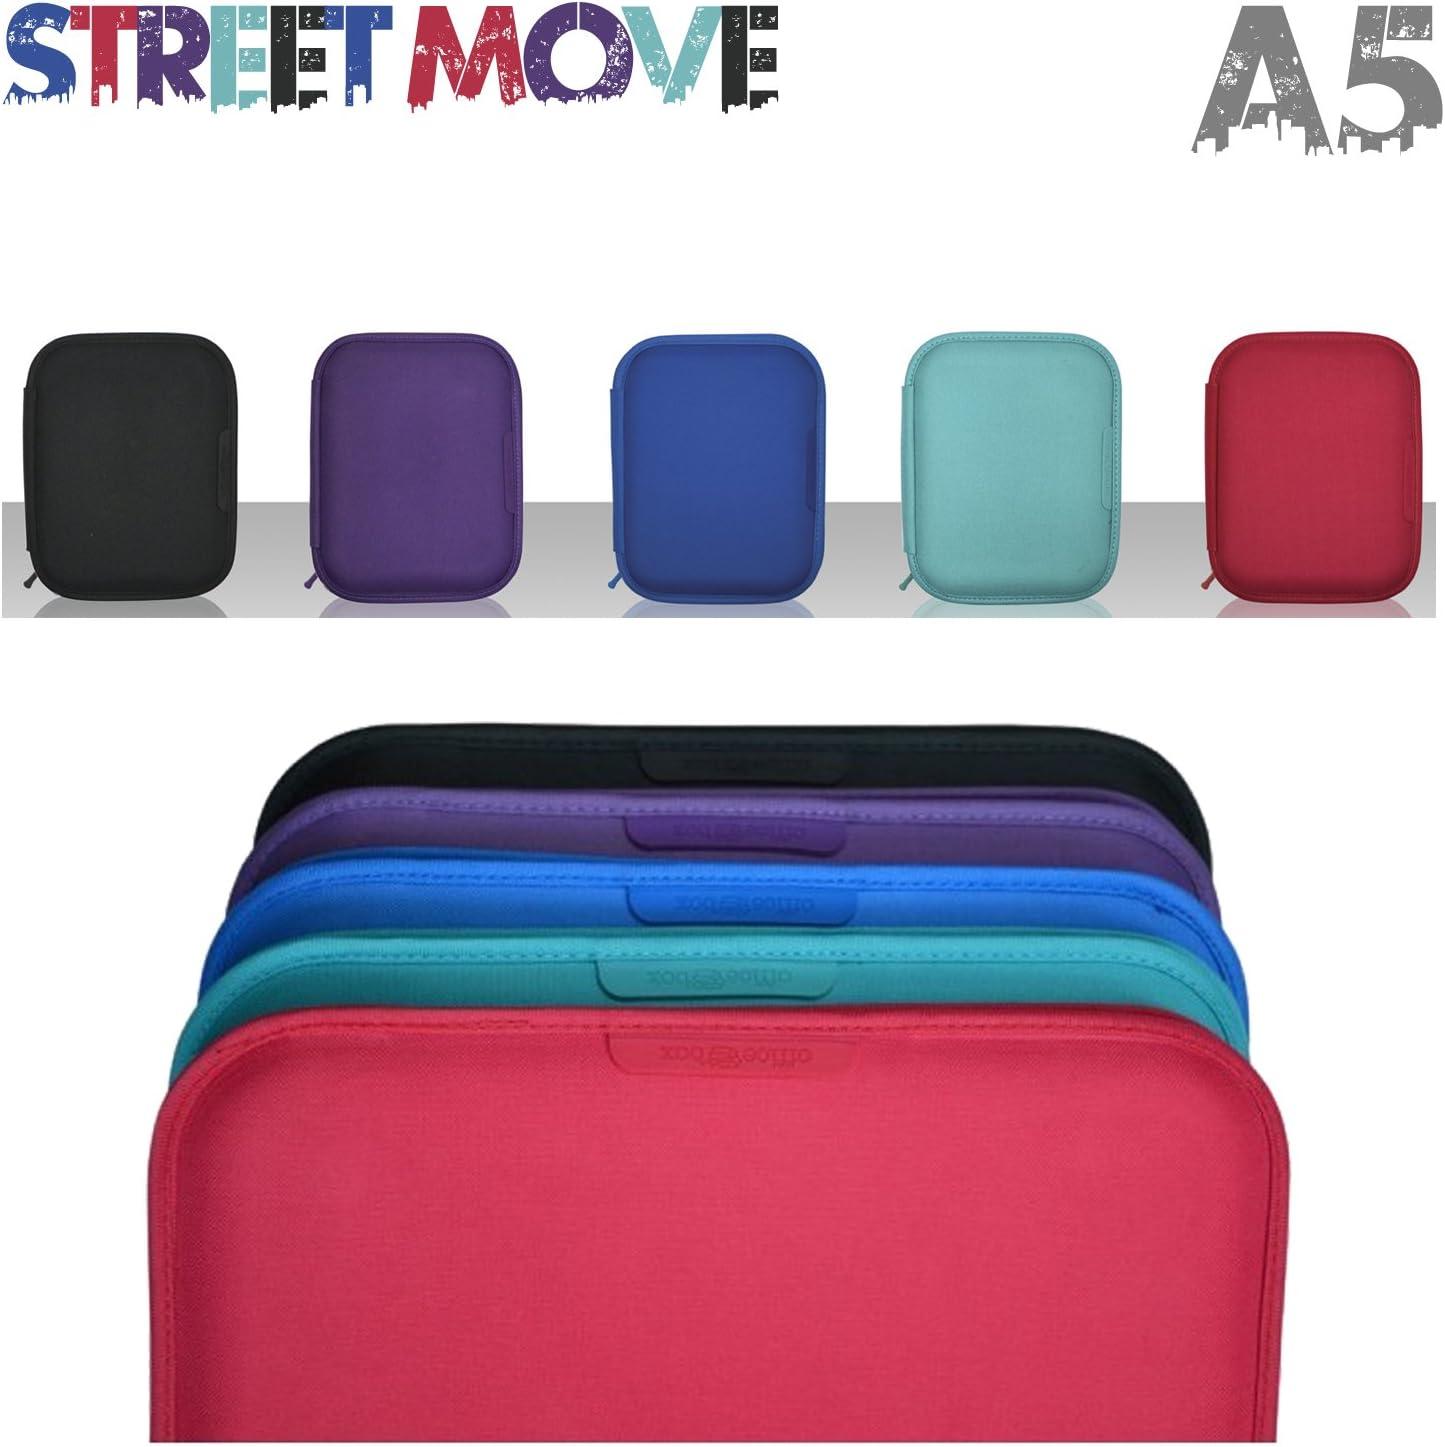 Portafolio / Carpeta Street Move con Apartados Multiusos y Cuaderno Cuadriculado A5, Exterior Fabricado en Nylon de Alta Resistencia, Color Azul, Medidas 21 x 26 x 3 cm: Amazon.es: Oficina y papelería